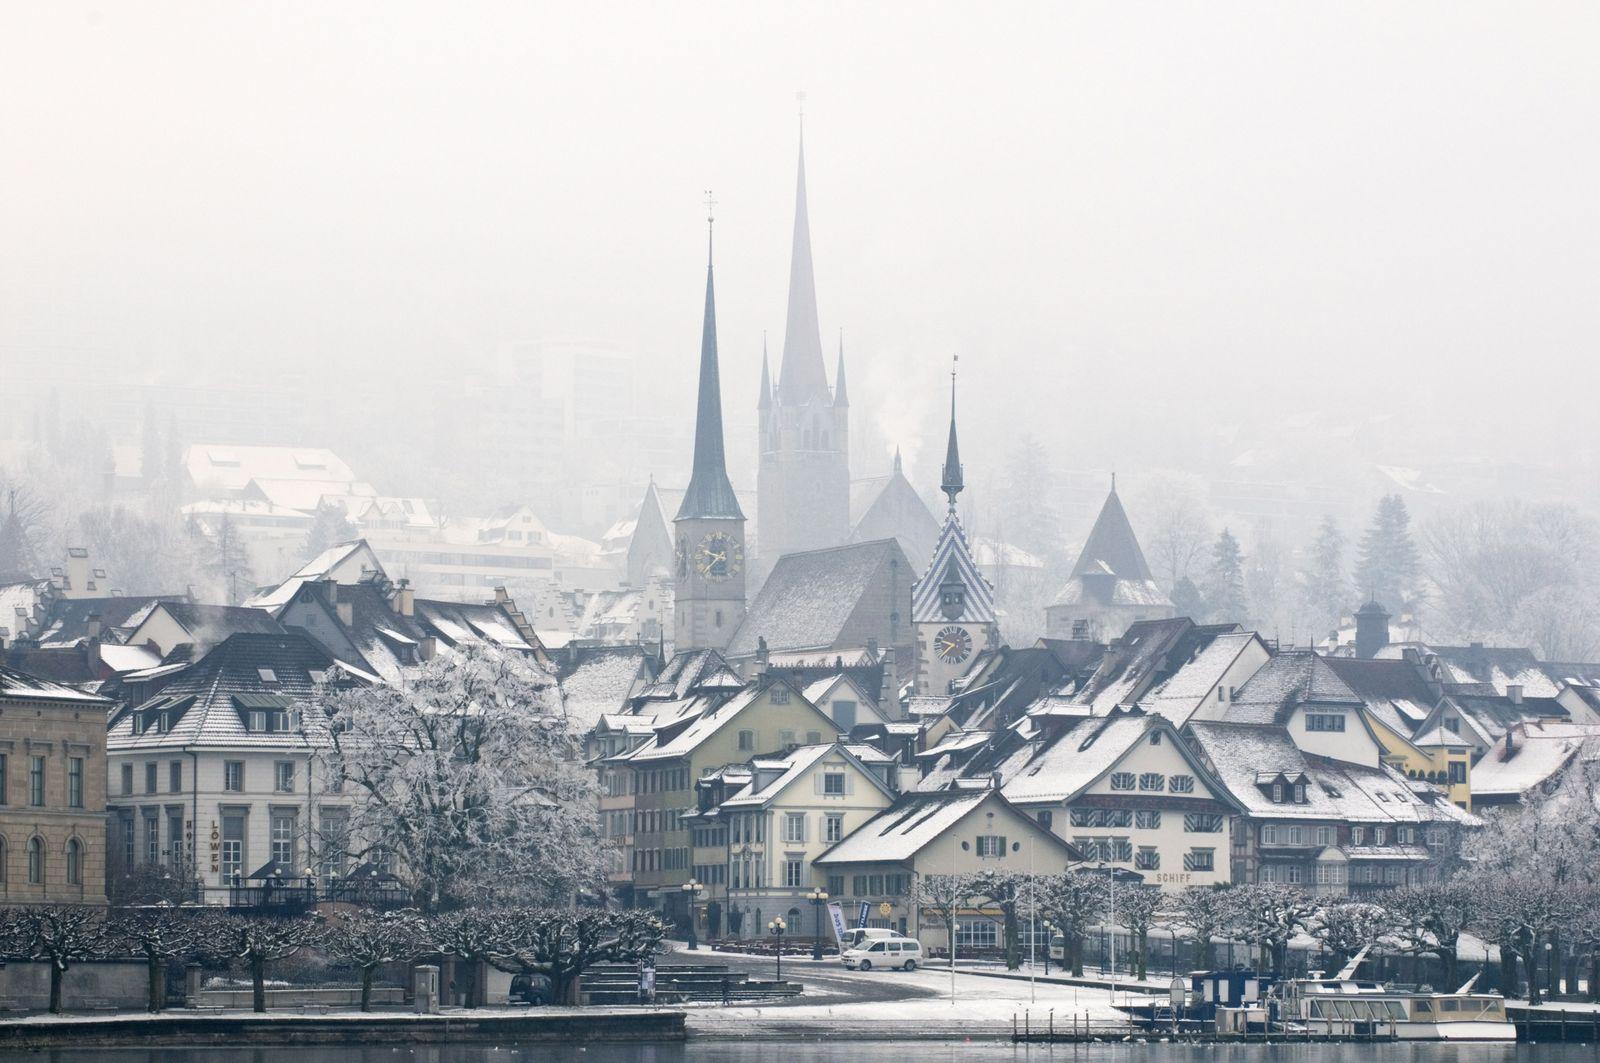 NICHT MEHR VERWENDEN! - Zug / Zugernsee / Schweiz